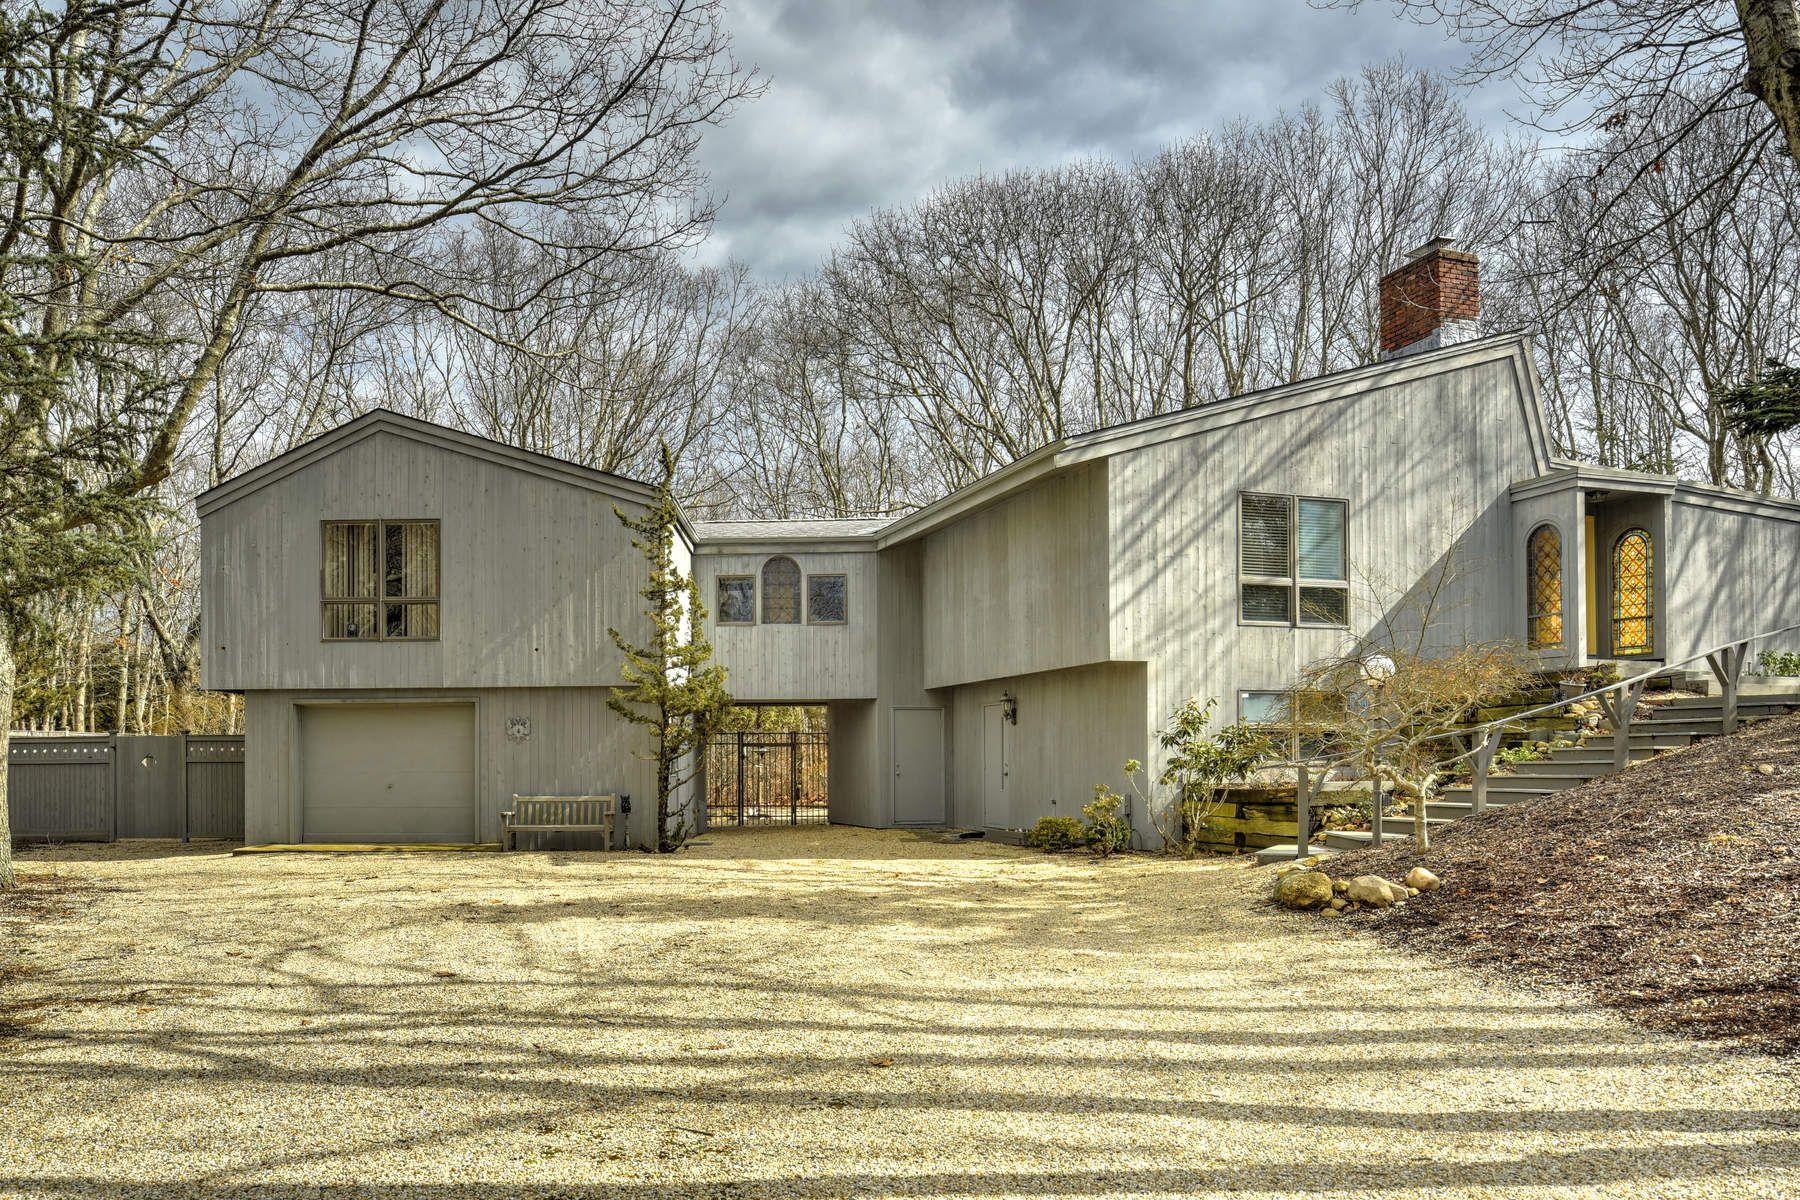 Частный односемейный дом для того Продажа на In Between Amagansett and East Hampton 4 Cherry Street, East Hampton Springs, East Hampton, Нью-Йорк, 11937 Соединенные Штаты